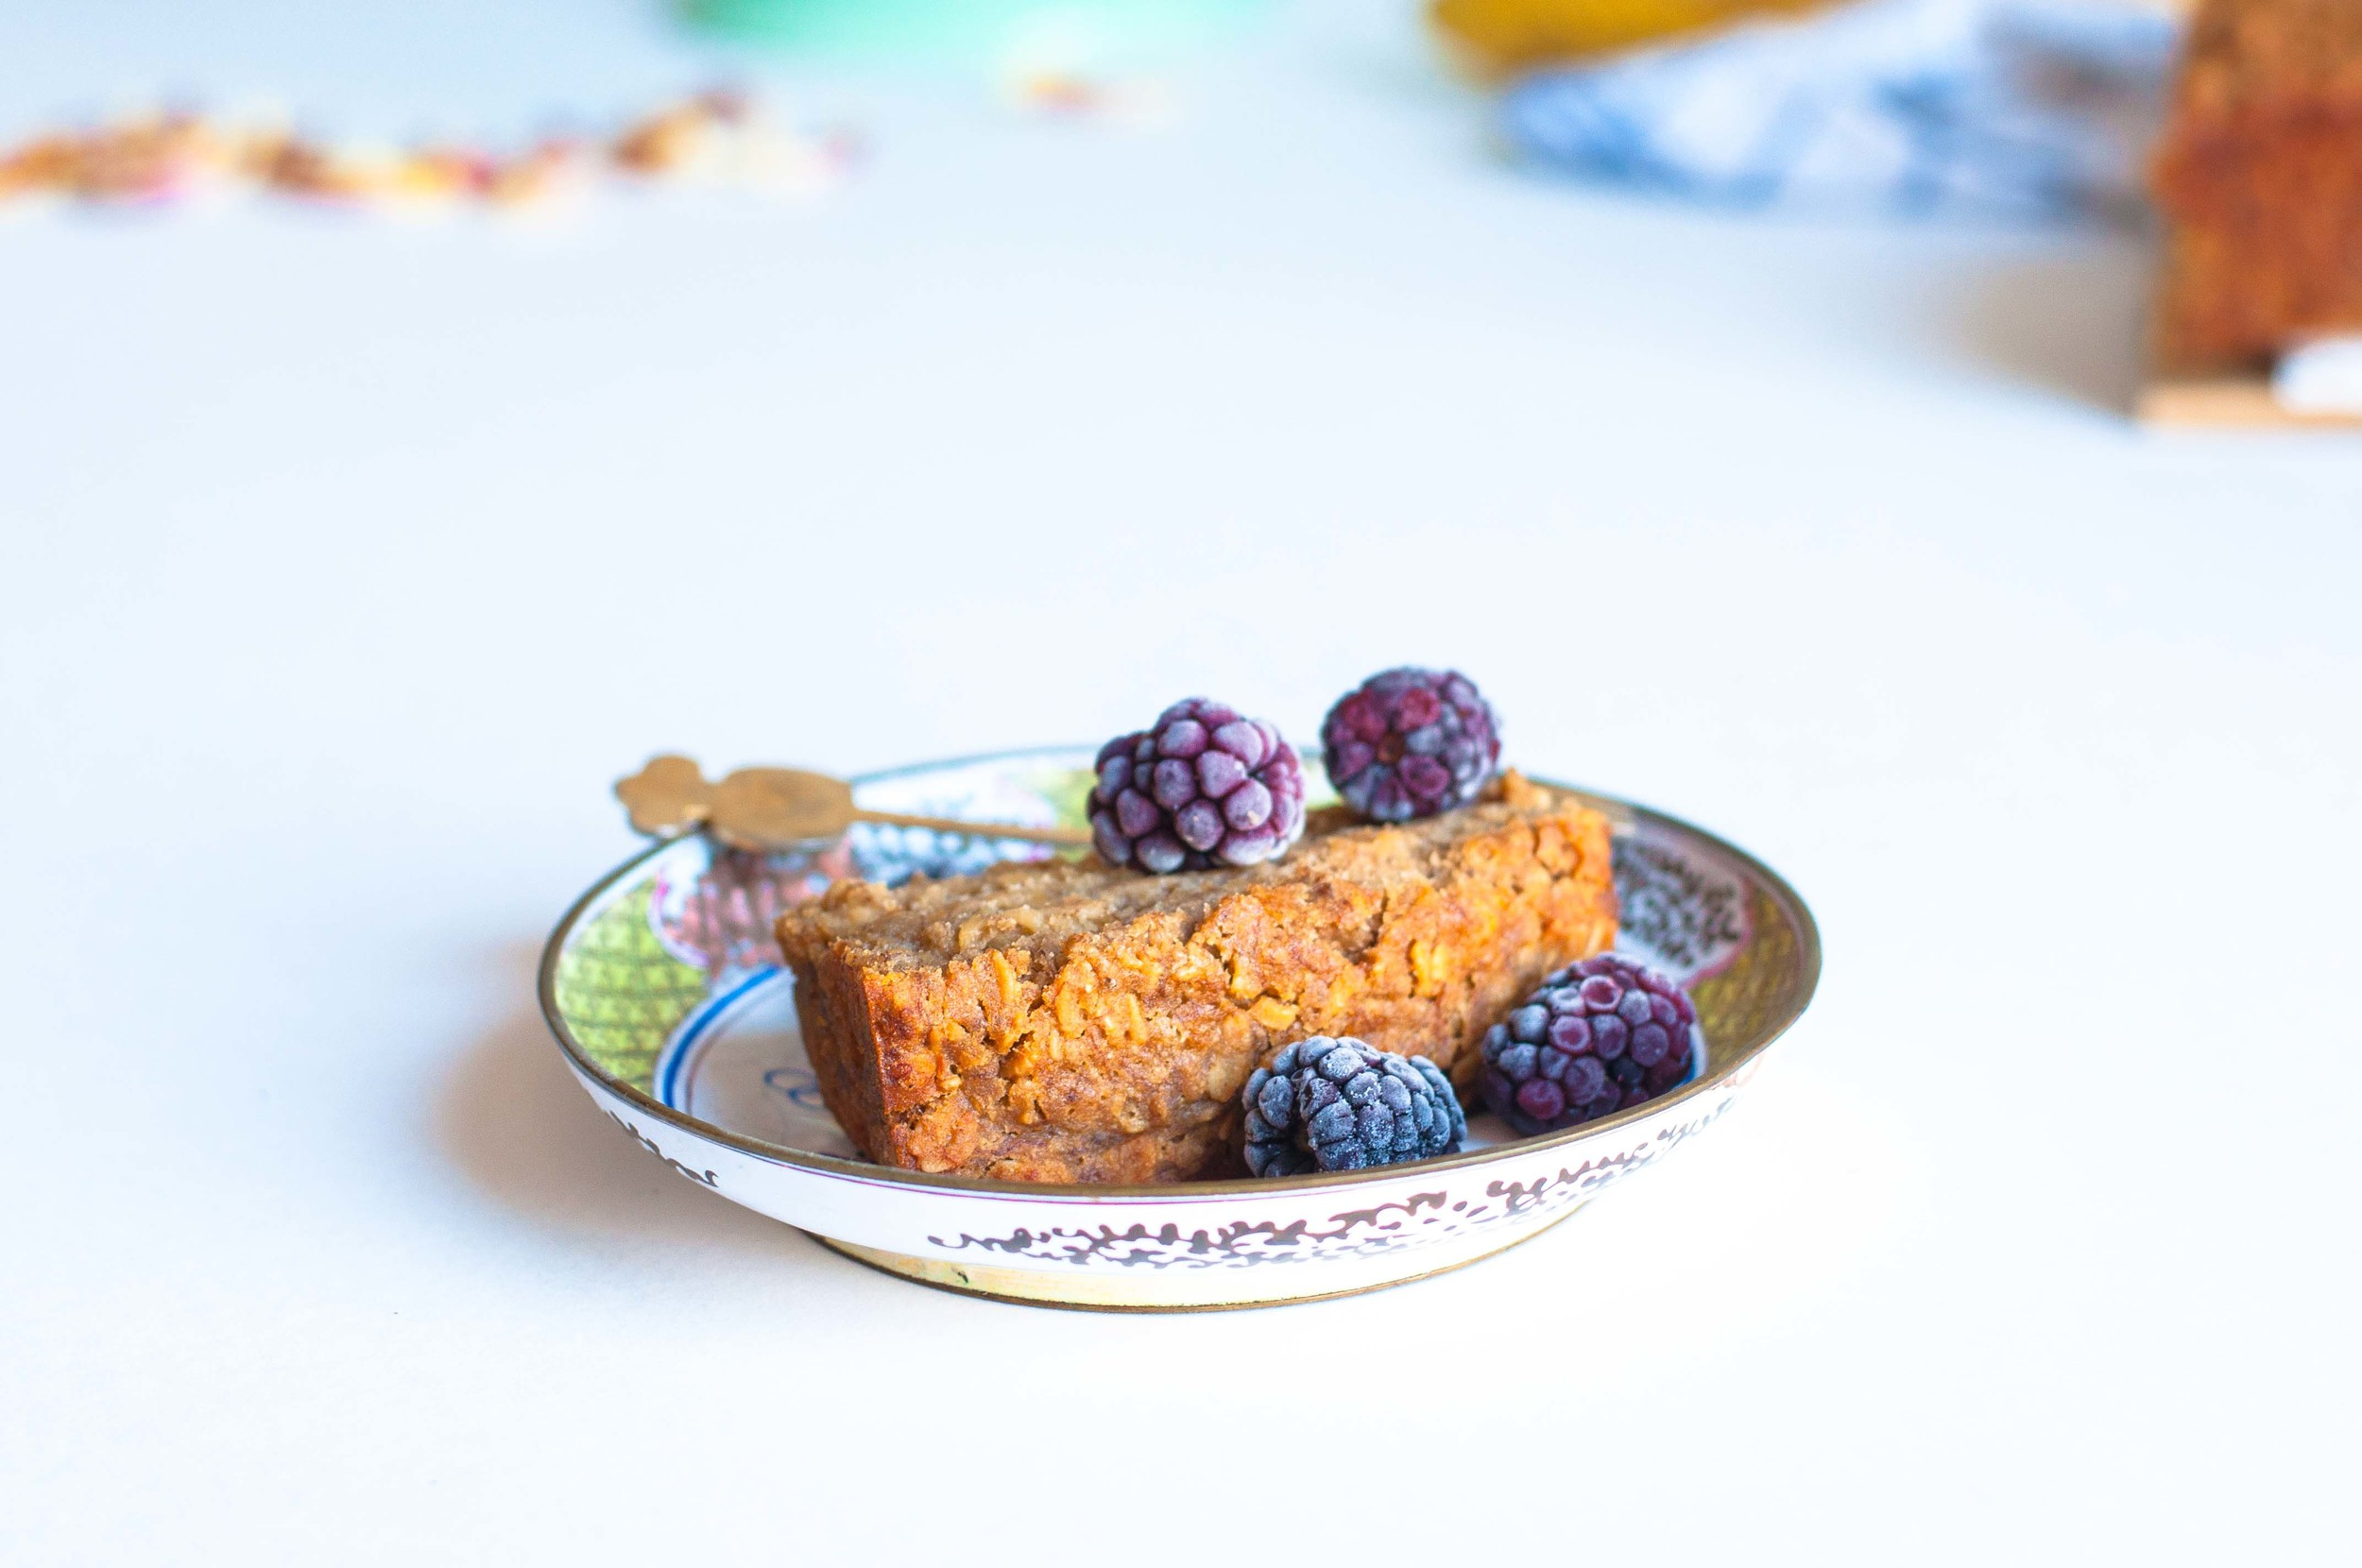 sweet-banana-oat-bread-vegan-fried-parsley